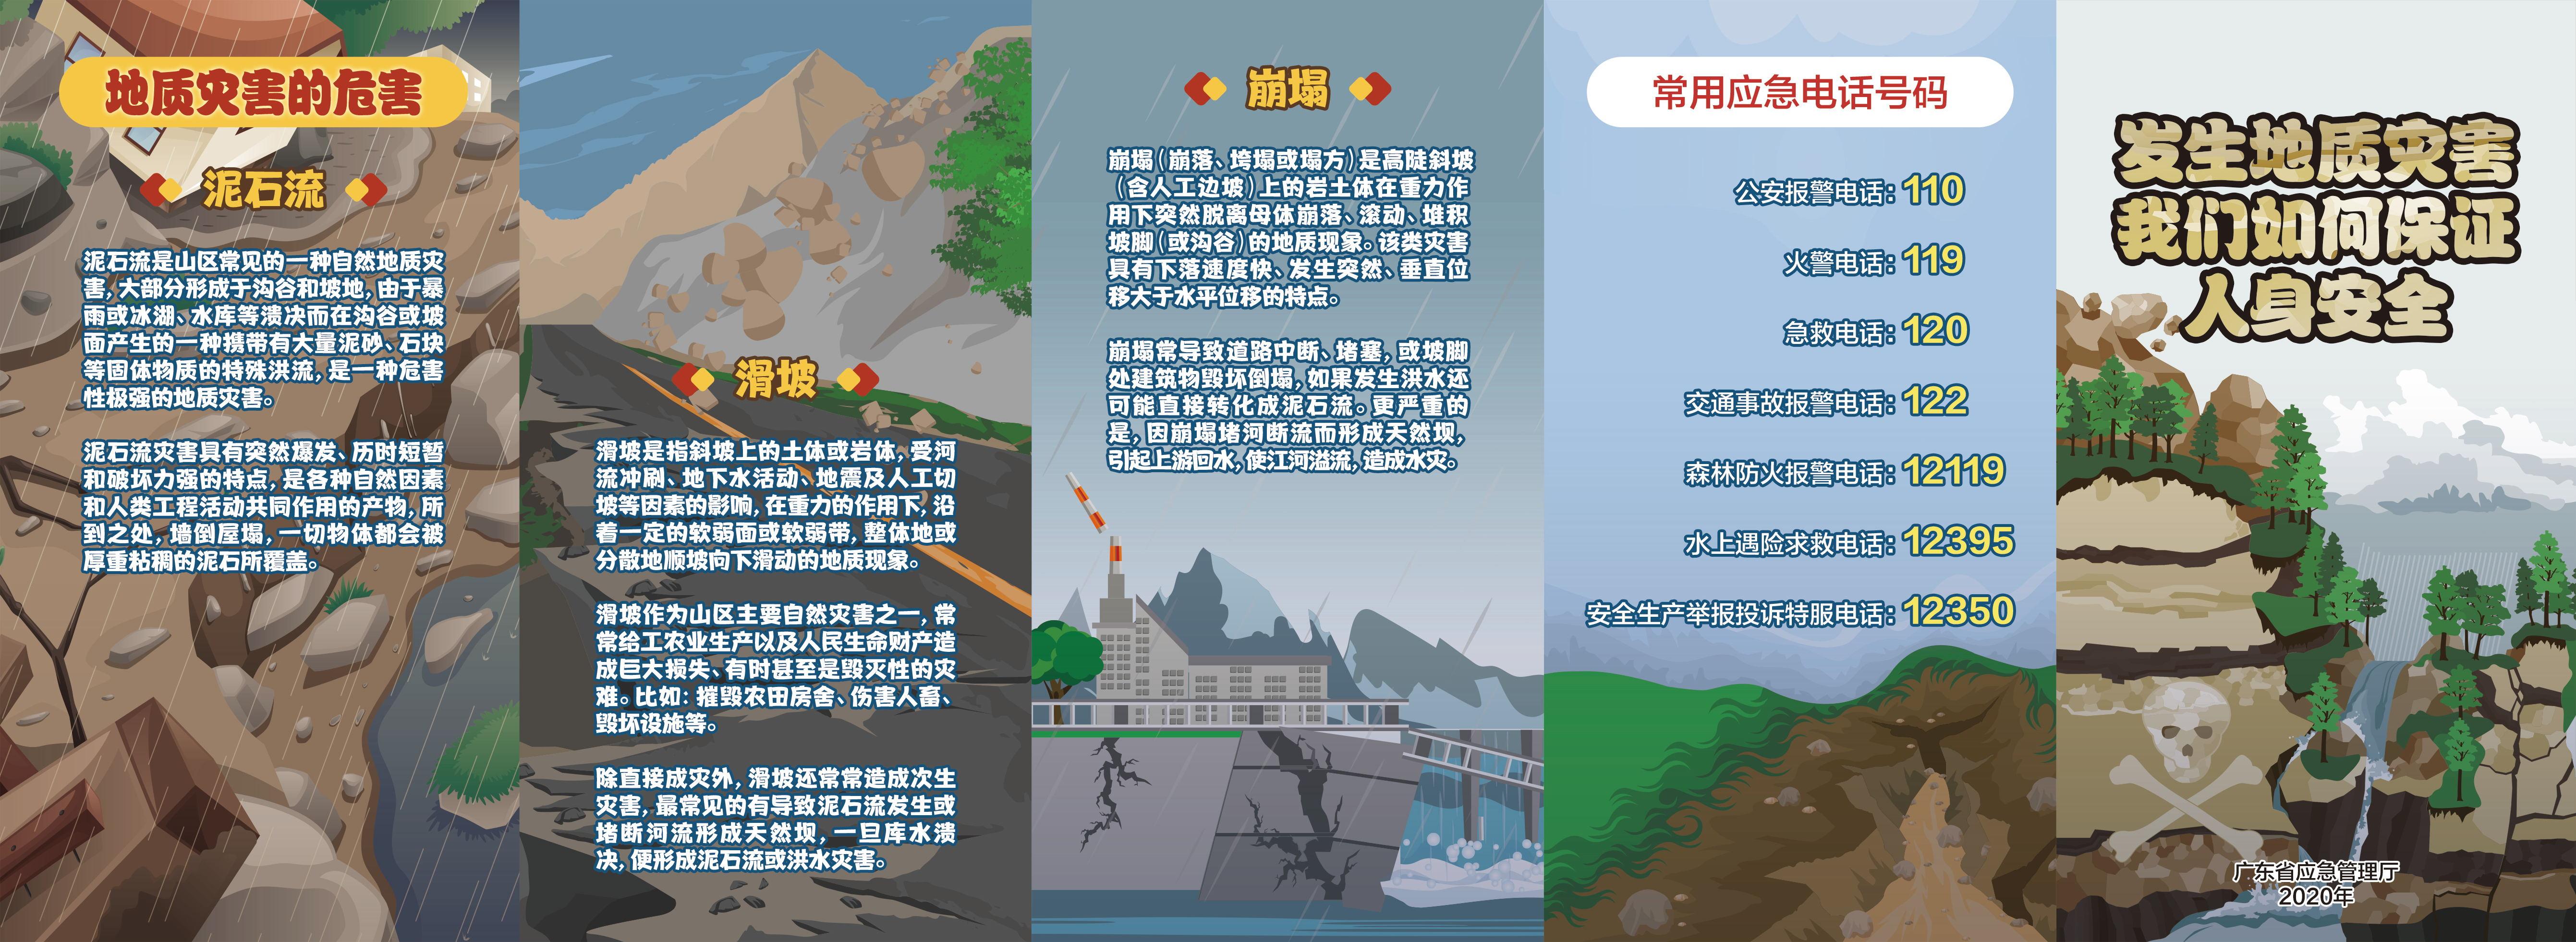 地质灾害01.jpg